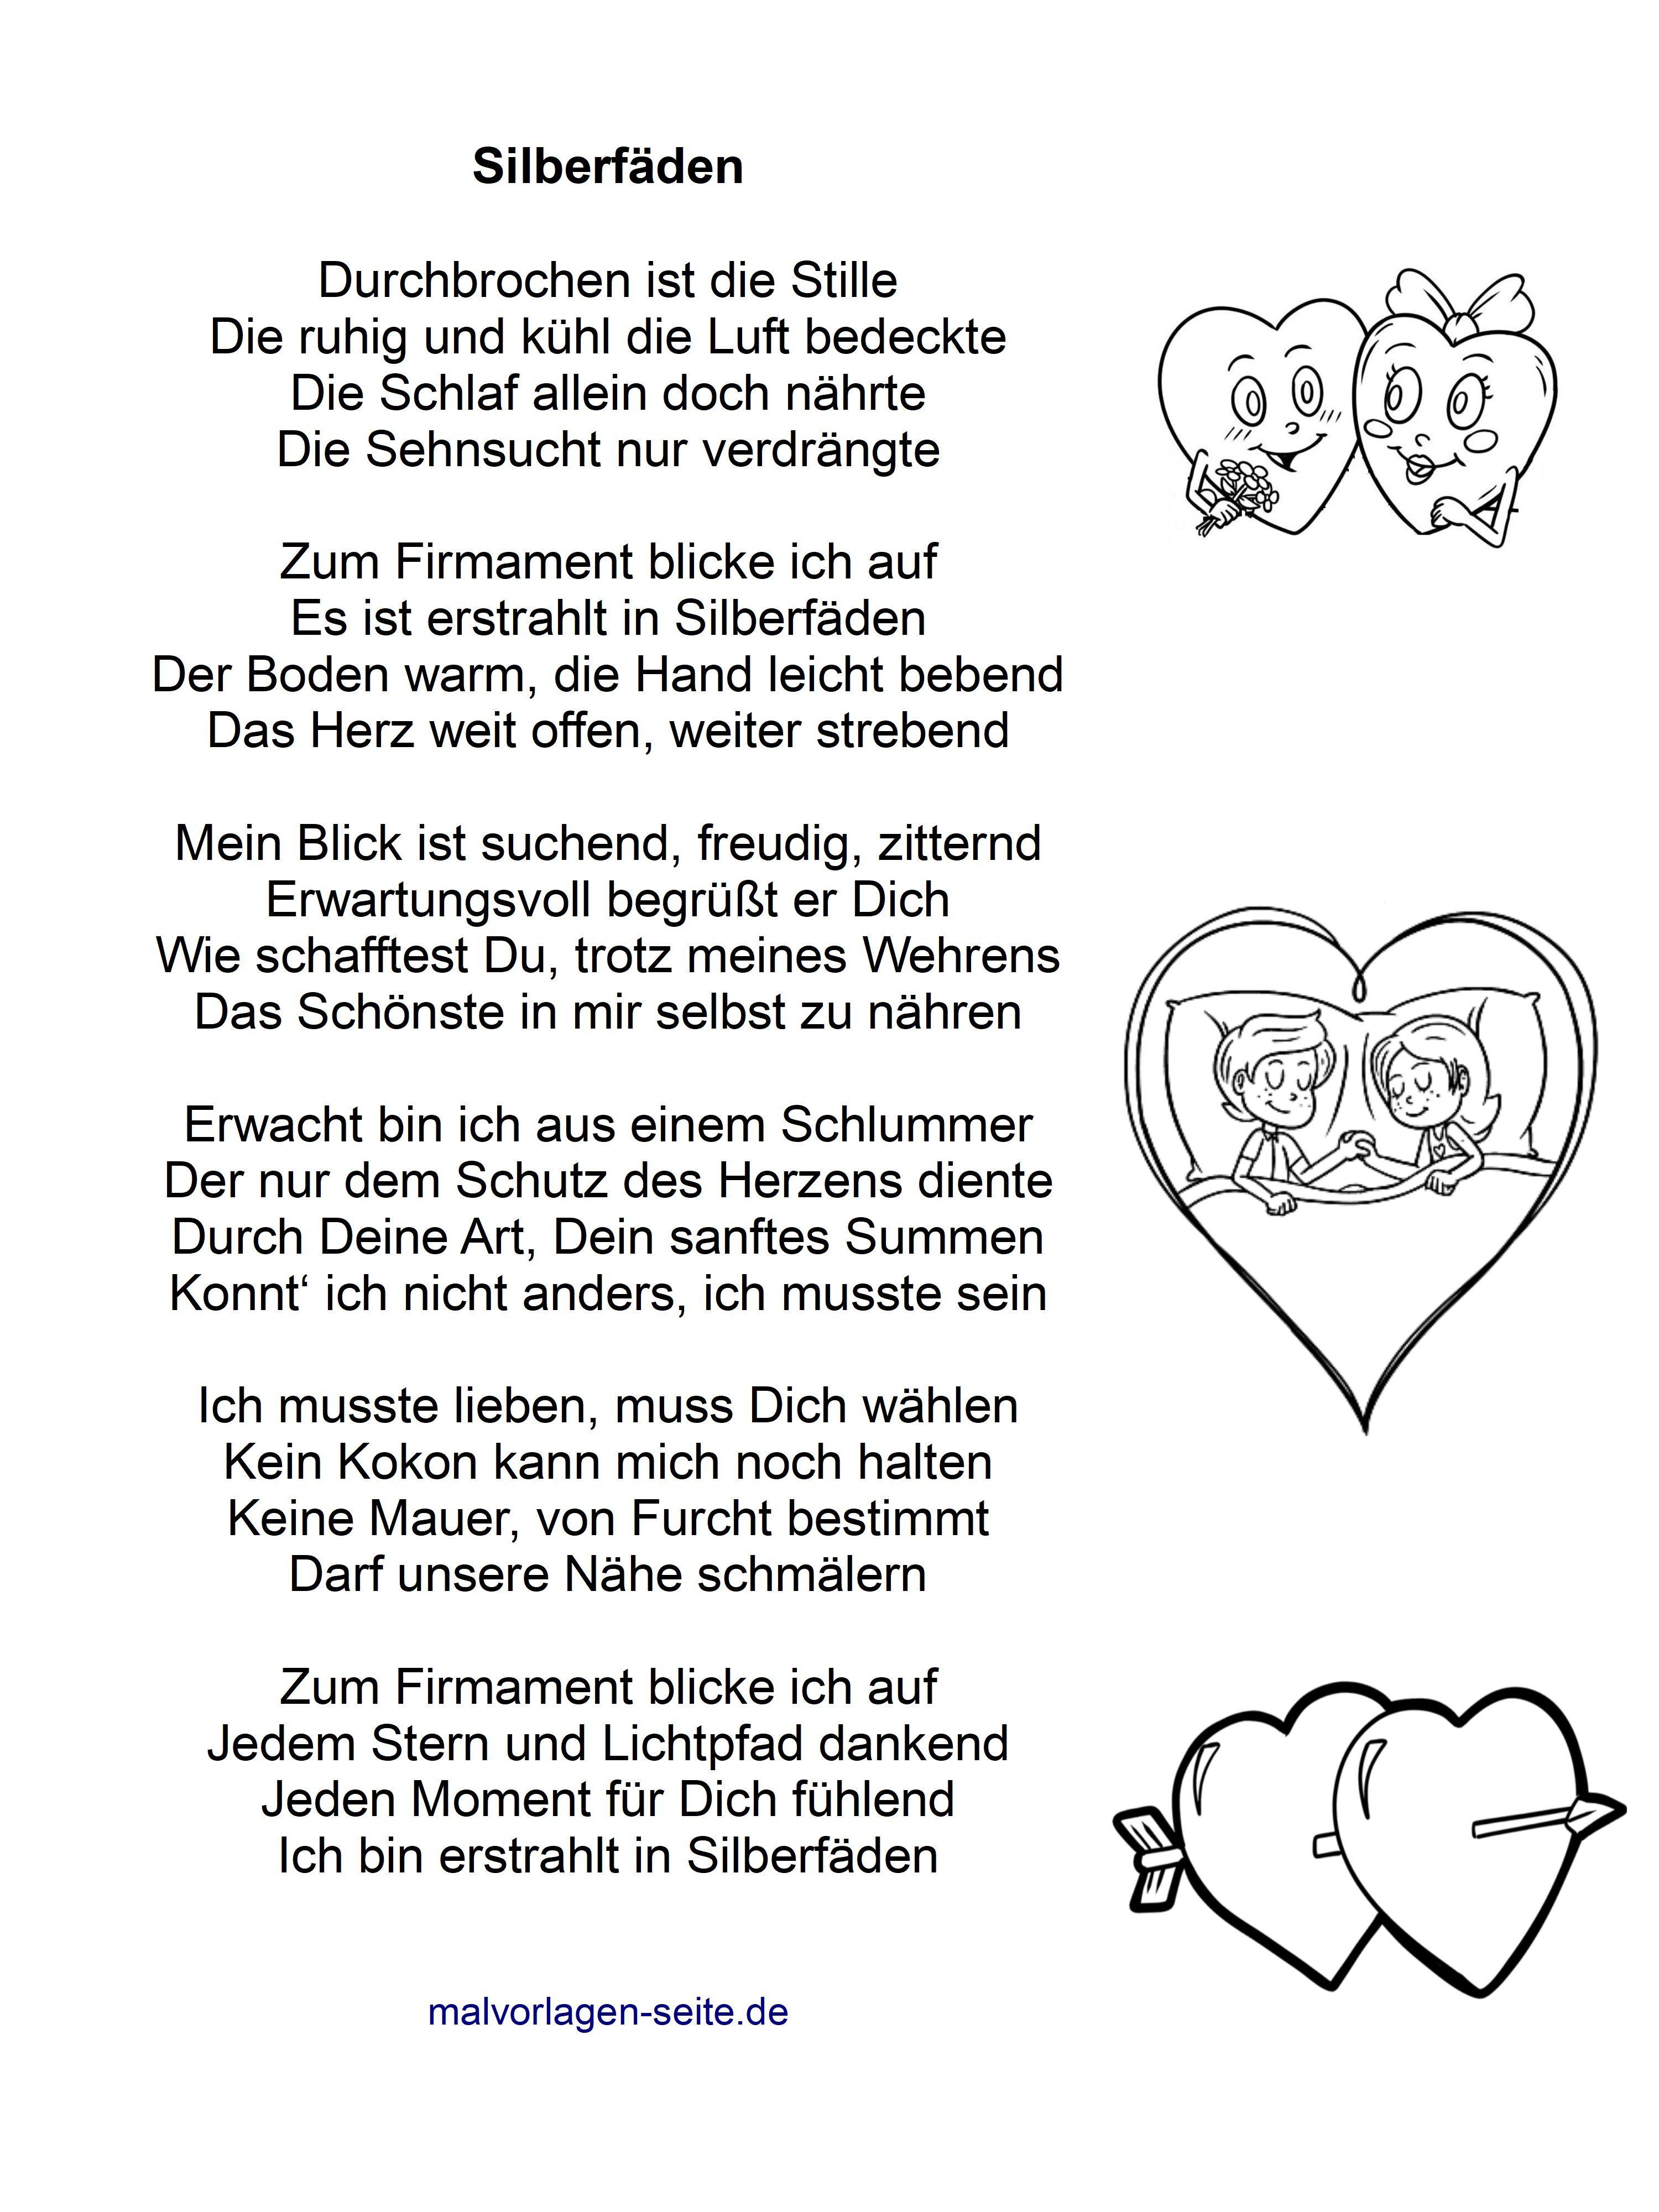 ein liebes gedicht